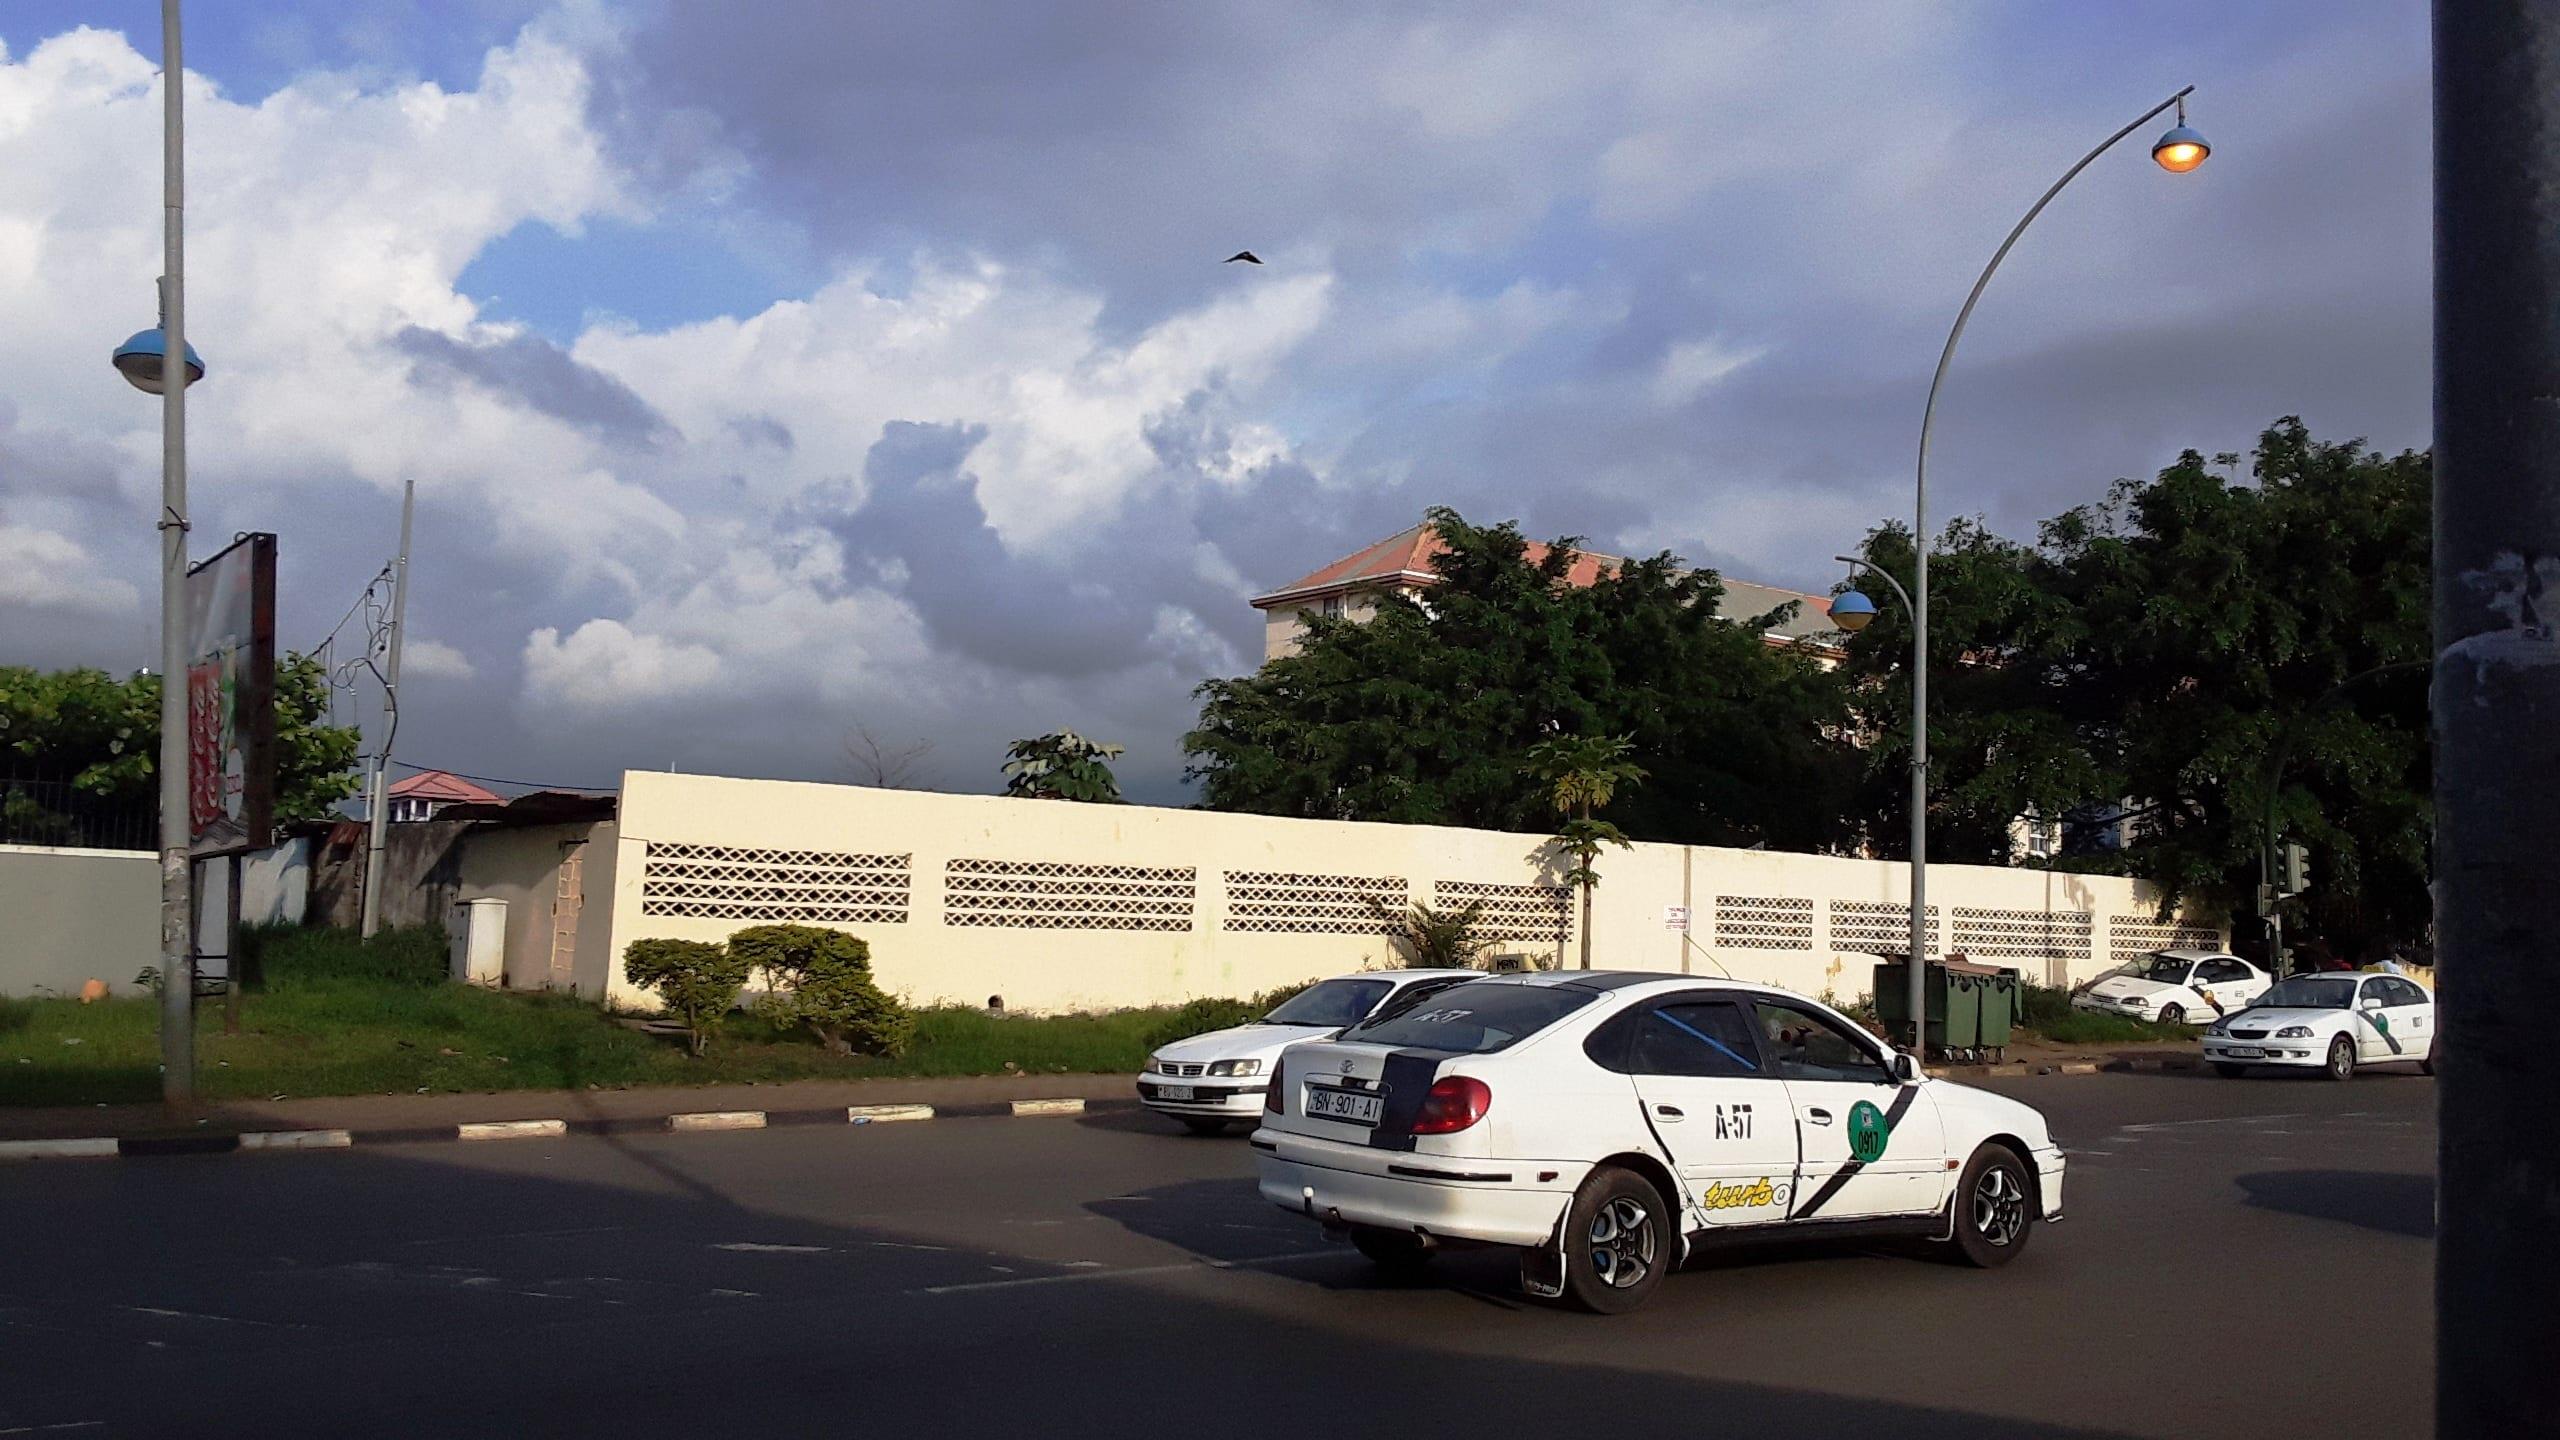 La policía municipal vuelve a sorprender a jóvenes lavando coches en las vías públicas, entre ellos, menores de edad